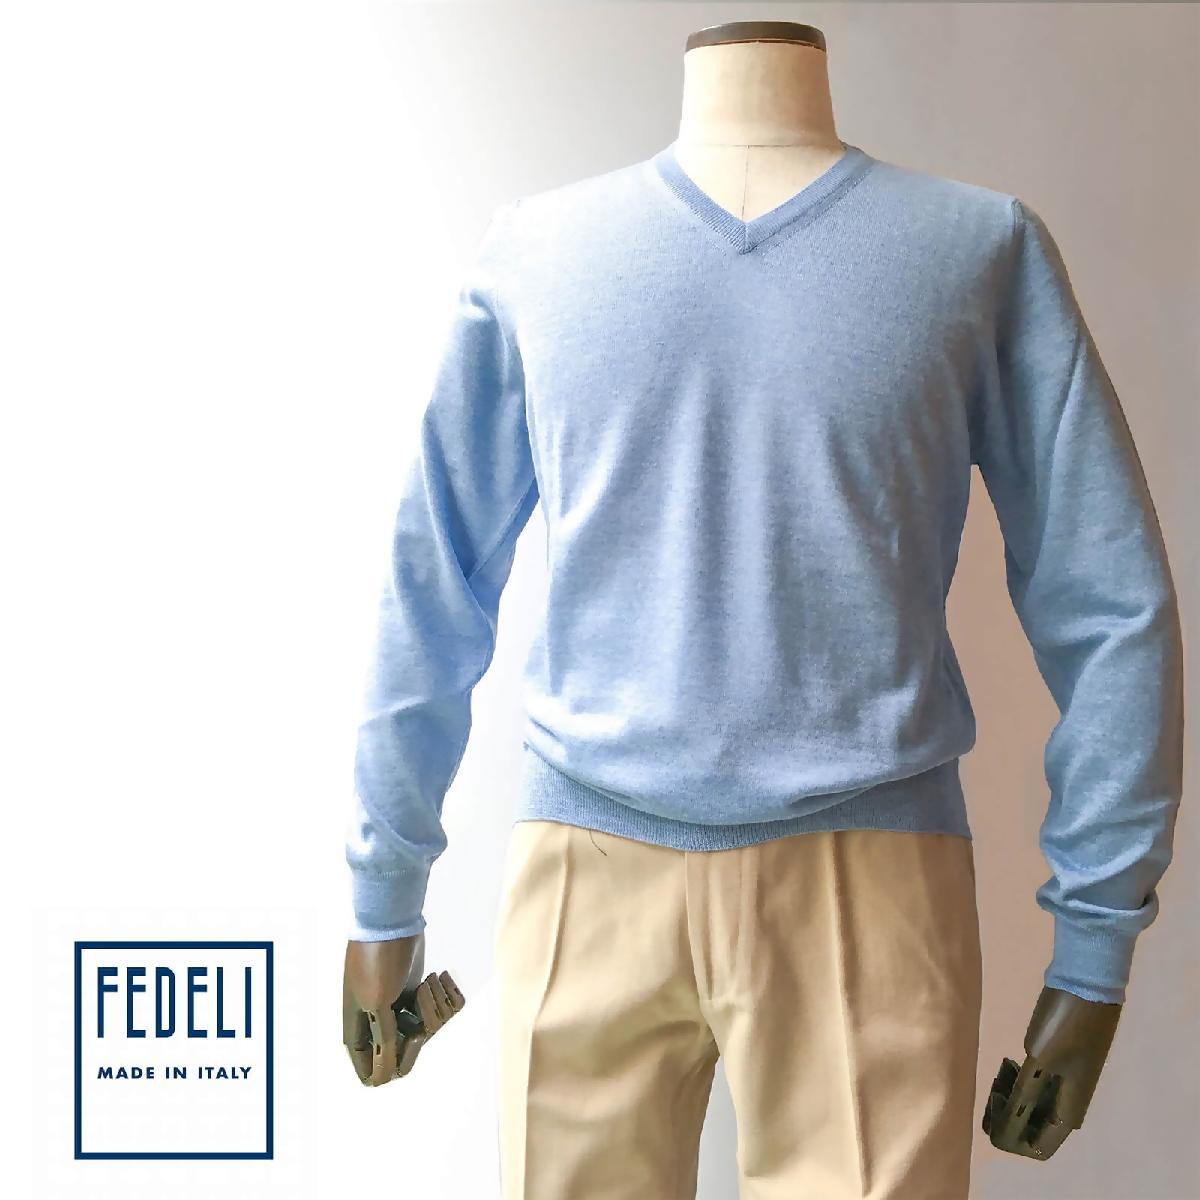 FEDELI (フェデーリ) ウールニットセーター メンズ ブランド カジュアル スリムフィット ライトブルー 大きいサイズ Vネック 長袖 無地